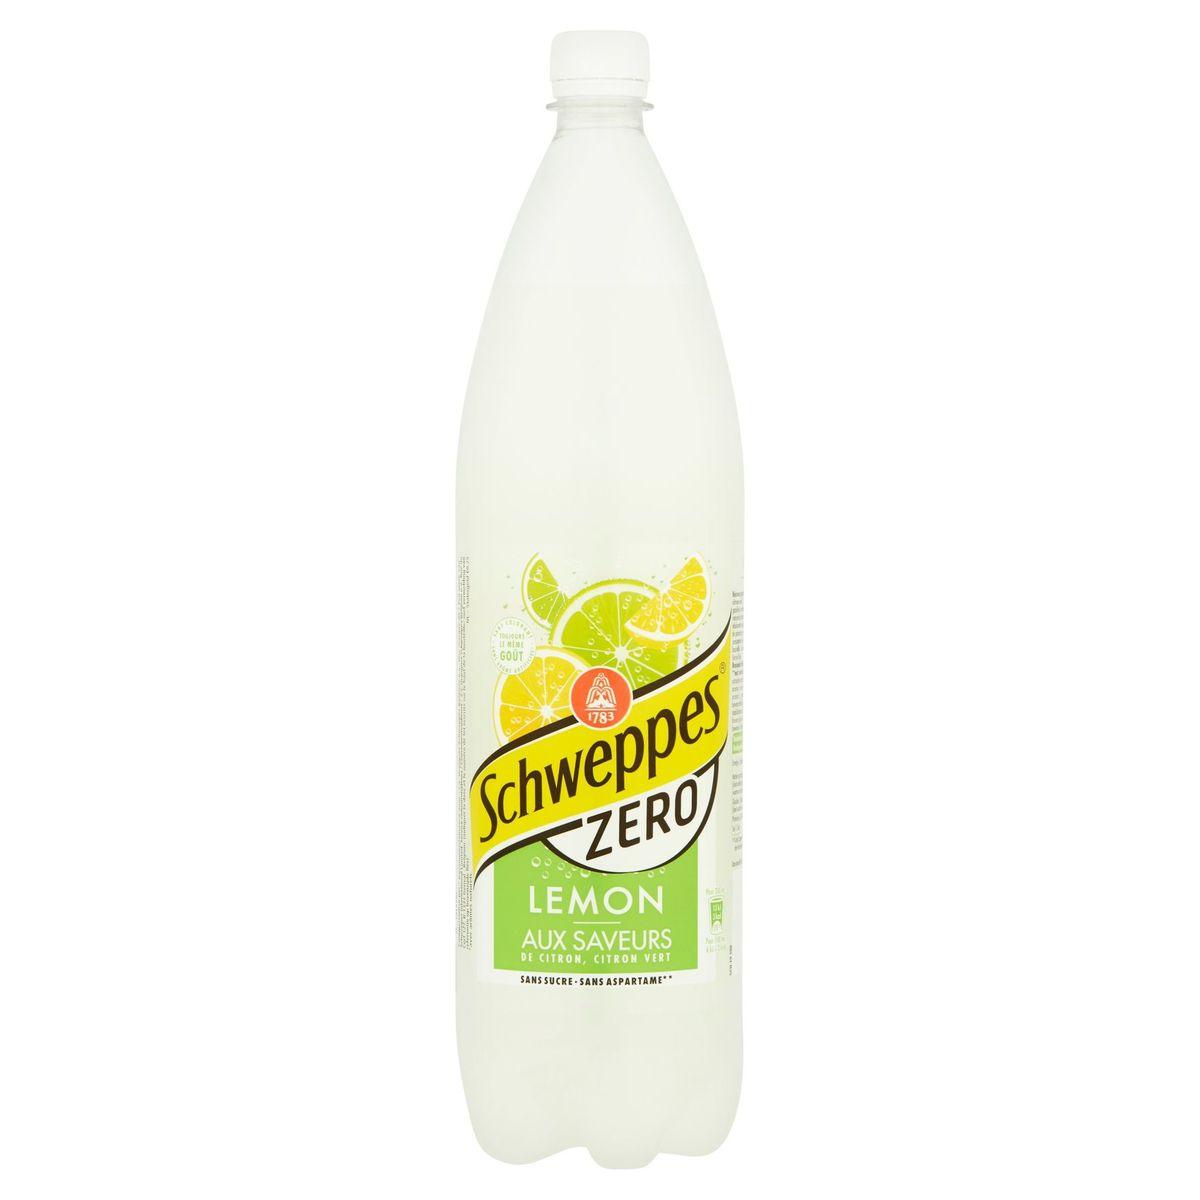 Schweppes Zero Lemon aux Saveurs de Citron, Citron Vert 1.5 L